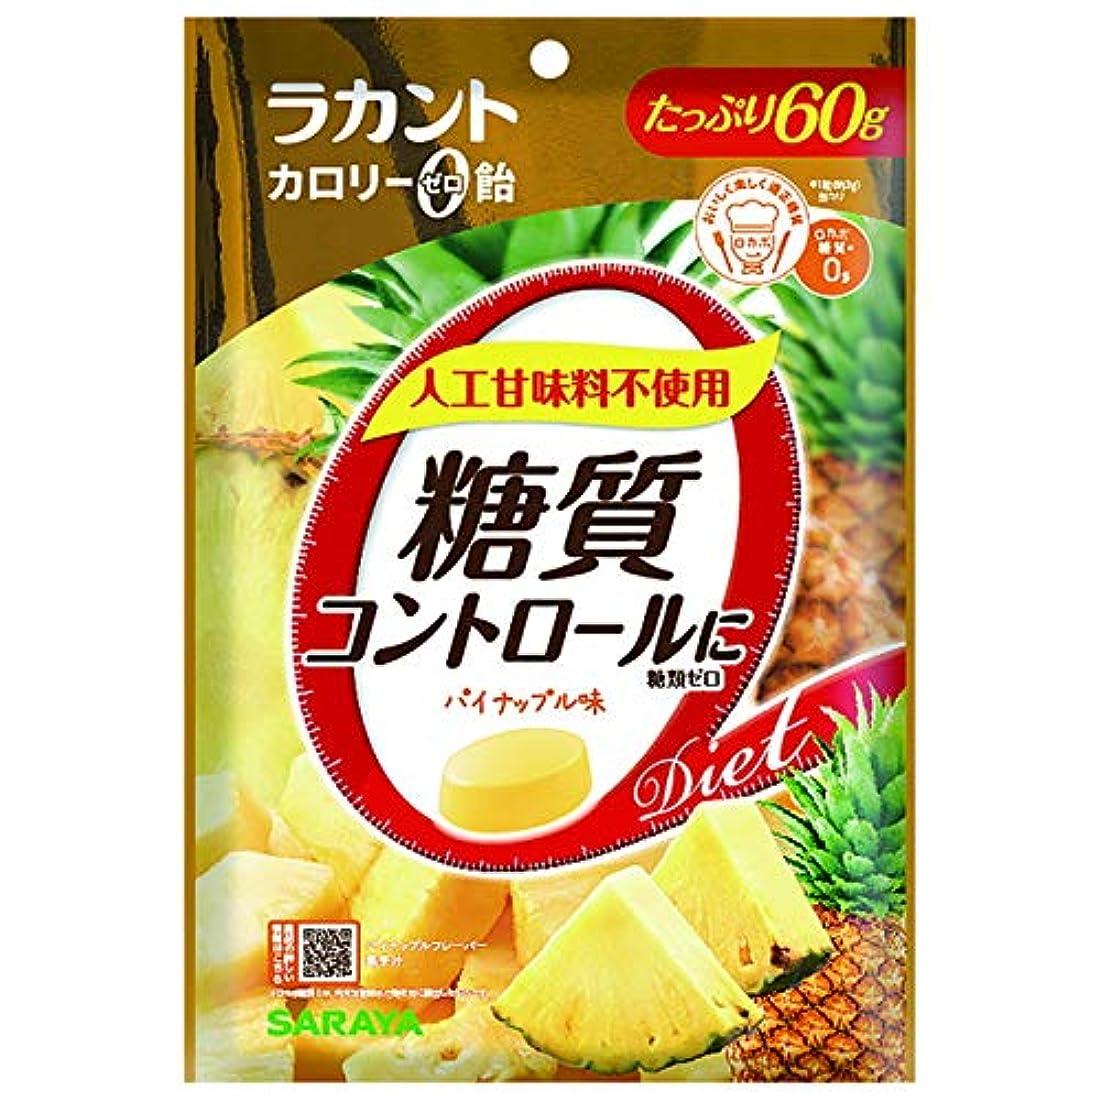 エンドテーブル小間味付けラカント カロリーゼロ飴 パイナップル 60g【3個セット】